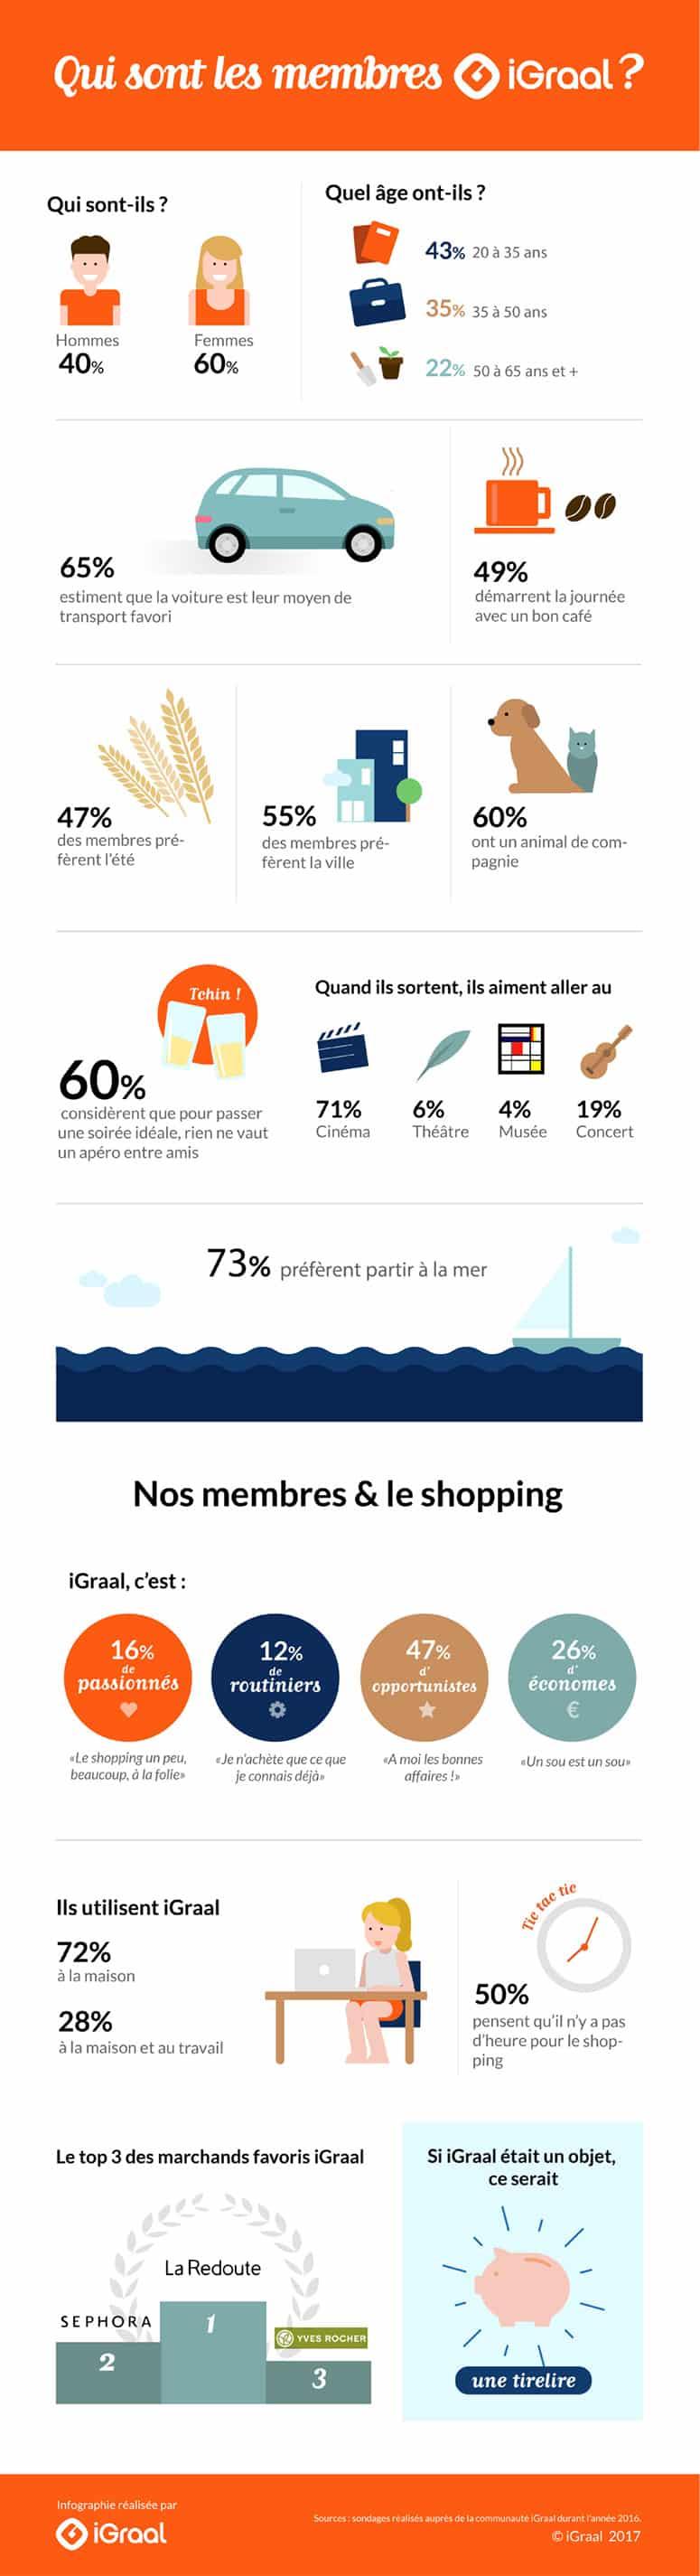 infographie iGraal